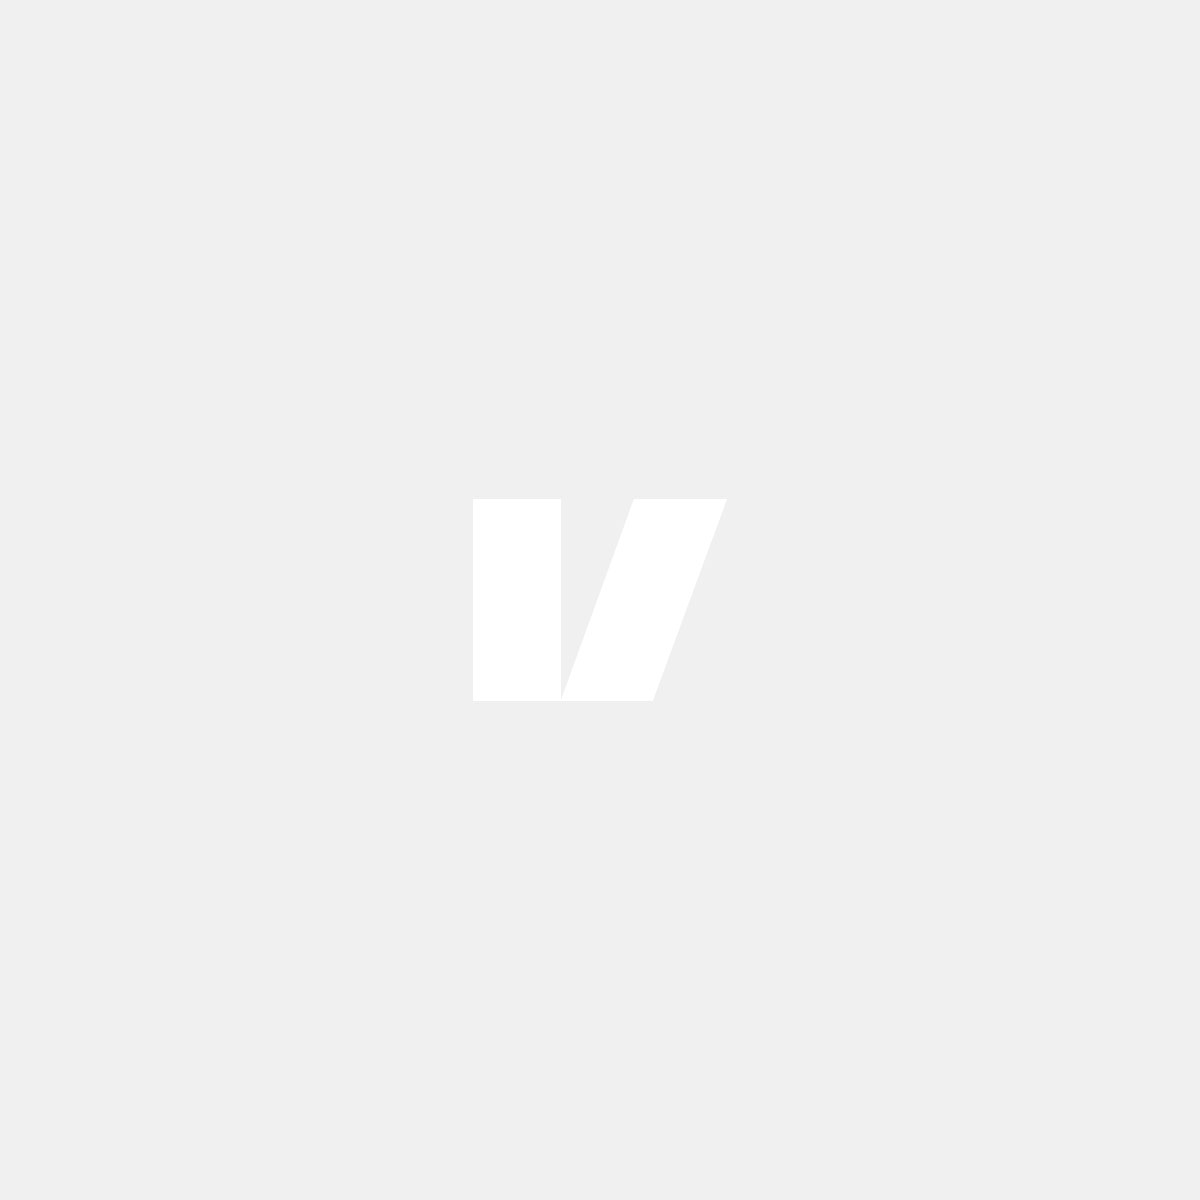 JR Sportluftfilter till Volvo 740, 760, 940, 960